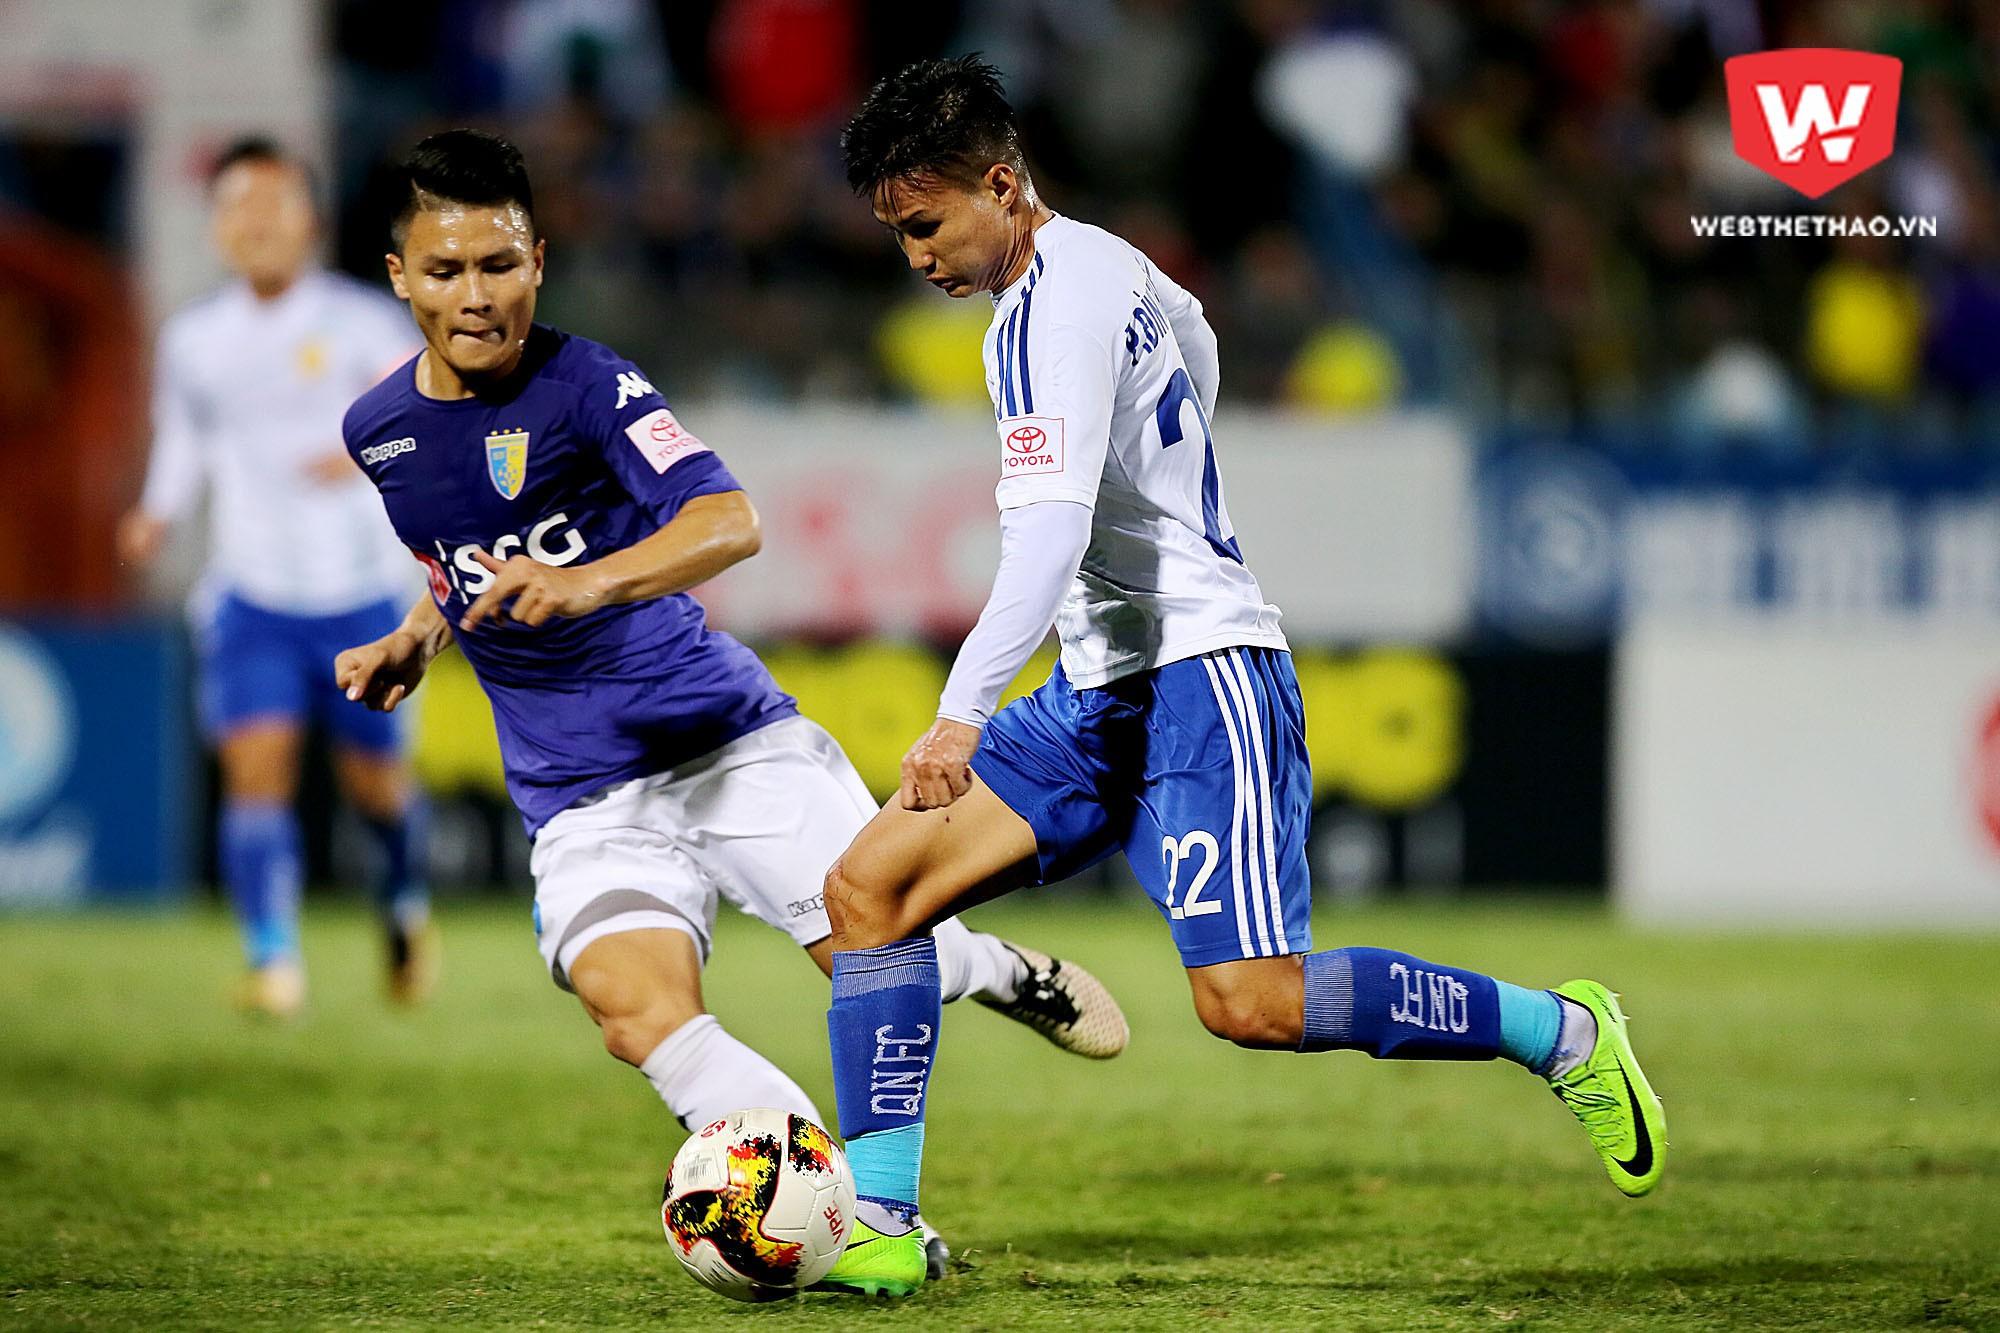 Quảng Nam FC đã đánh mất lợi thế sau trận thua trước Hà Nội FC ở vòng 25. Ảnh: Hải Đăng.